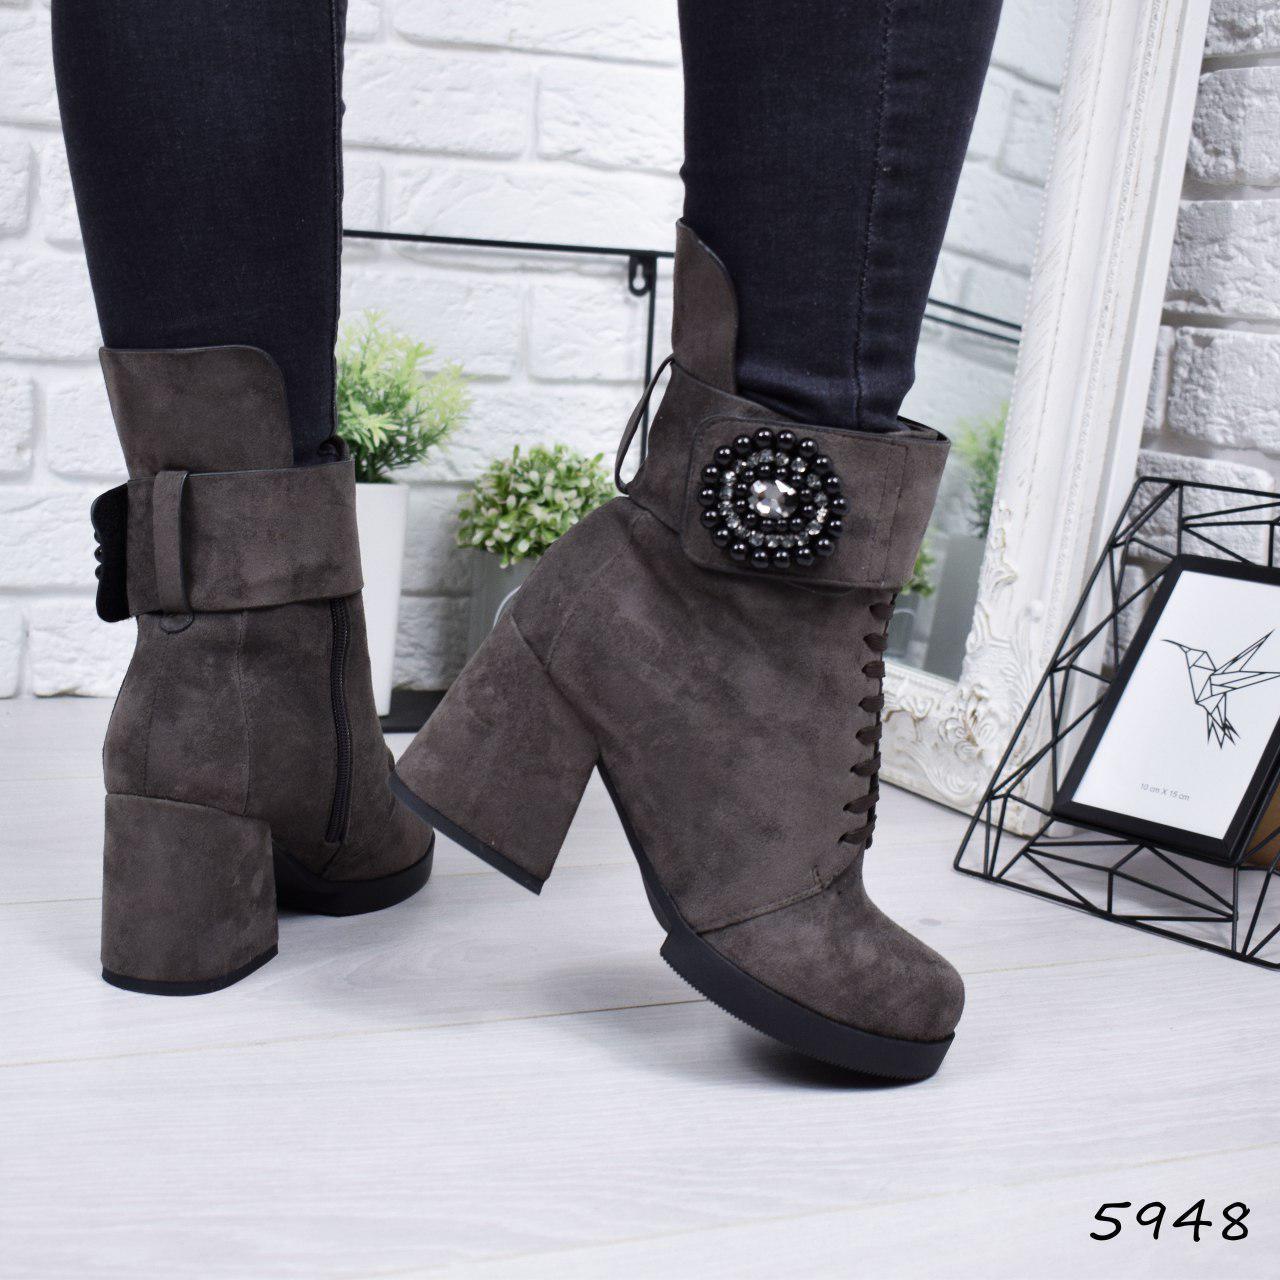 """Ботинки, ботильоны хаки ЗИМА """"Mimisy"""" эко замша, повседневная, зимняя, теплая, женская обувь"""